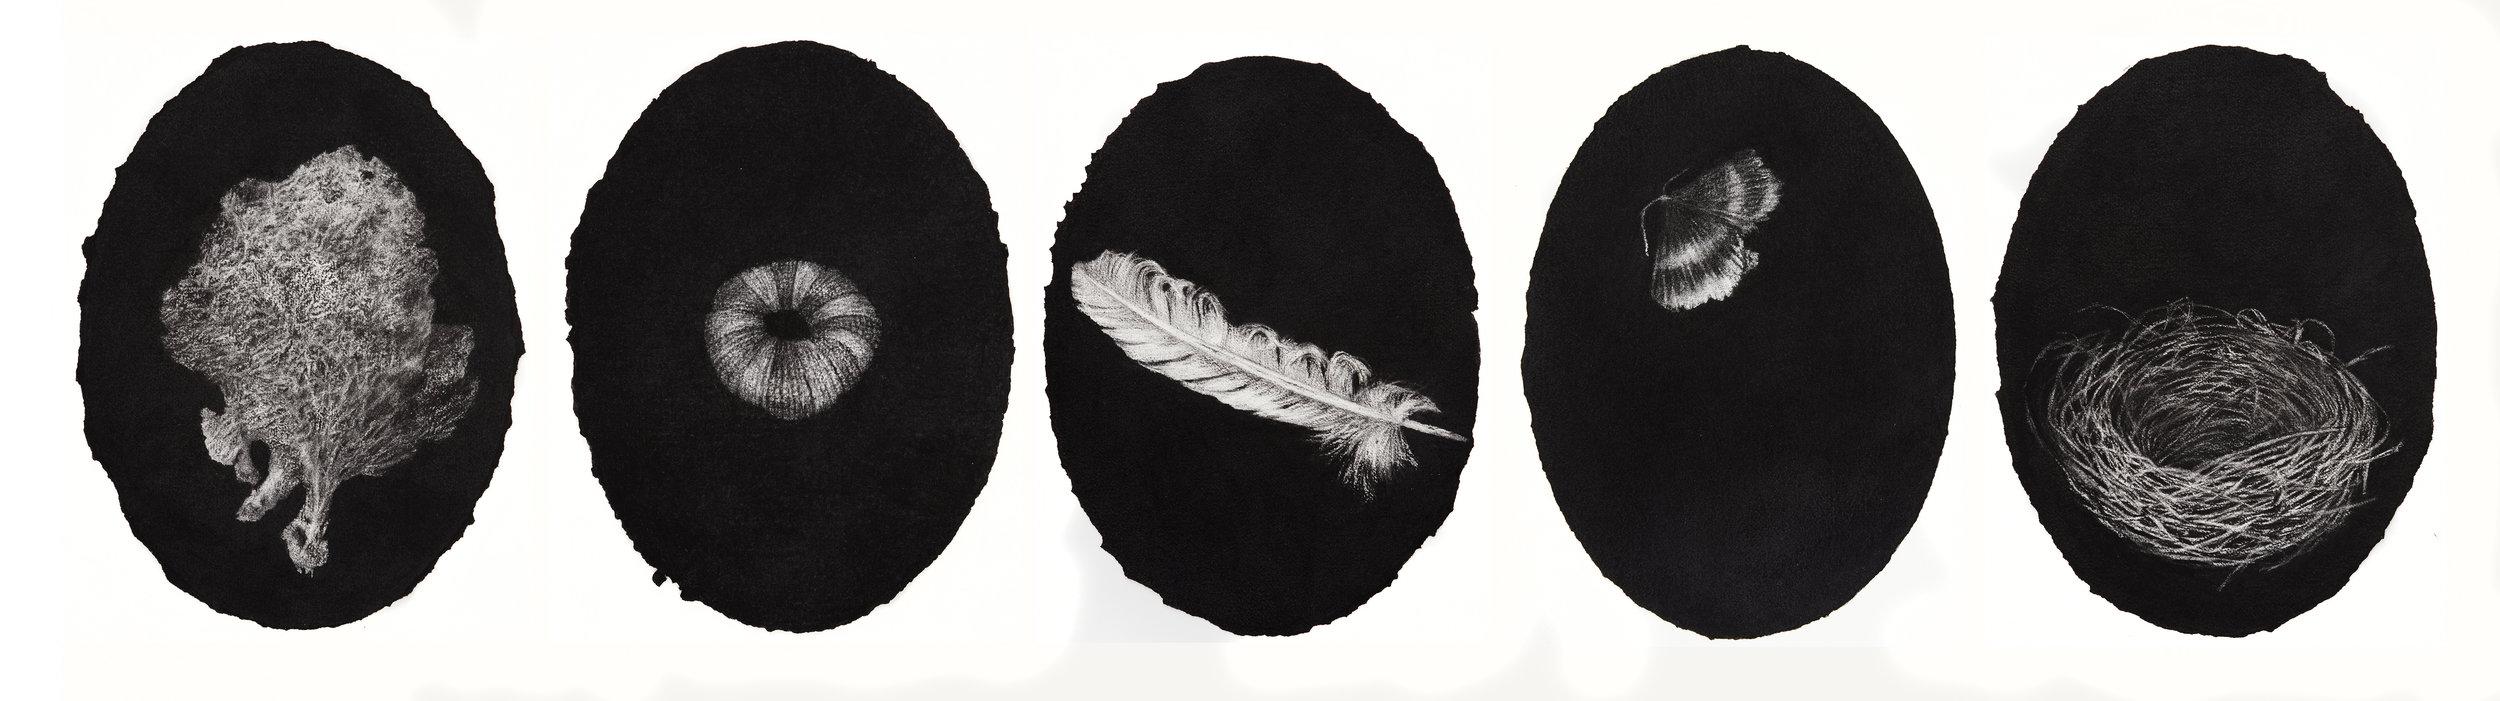 portrait suite, 2017, charcoal on paper